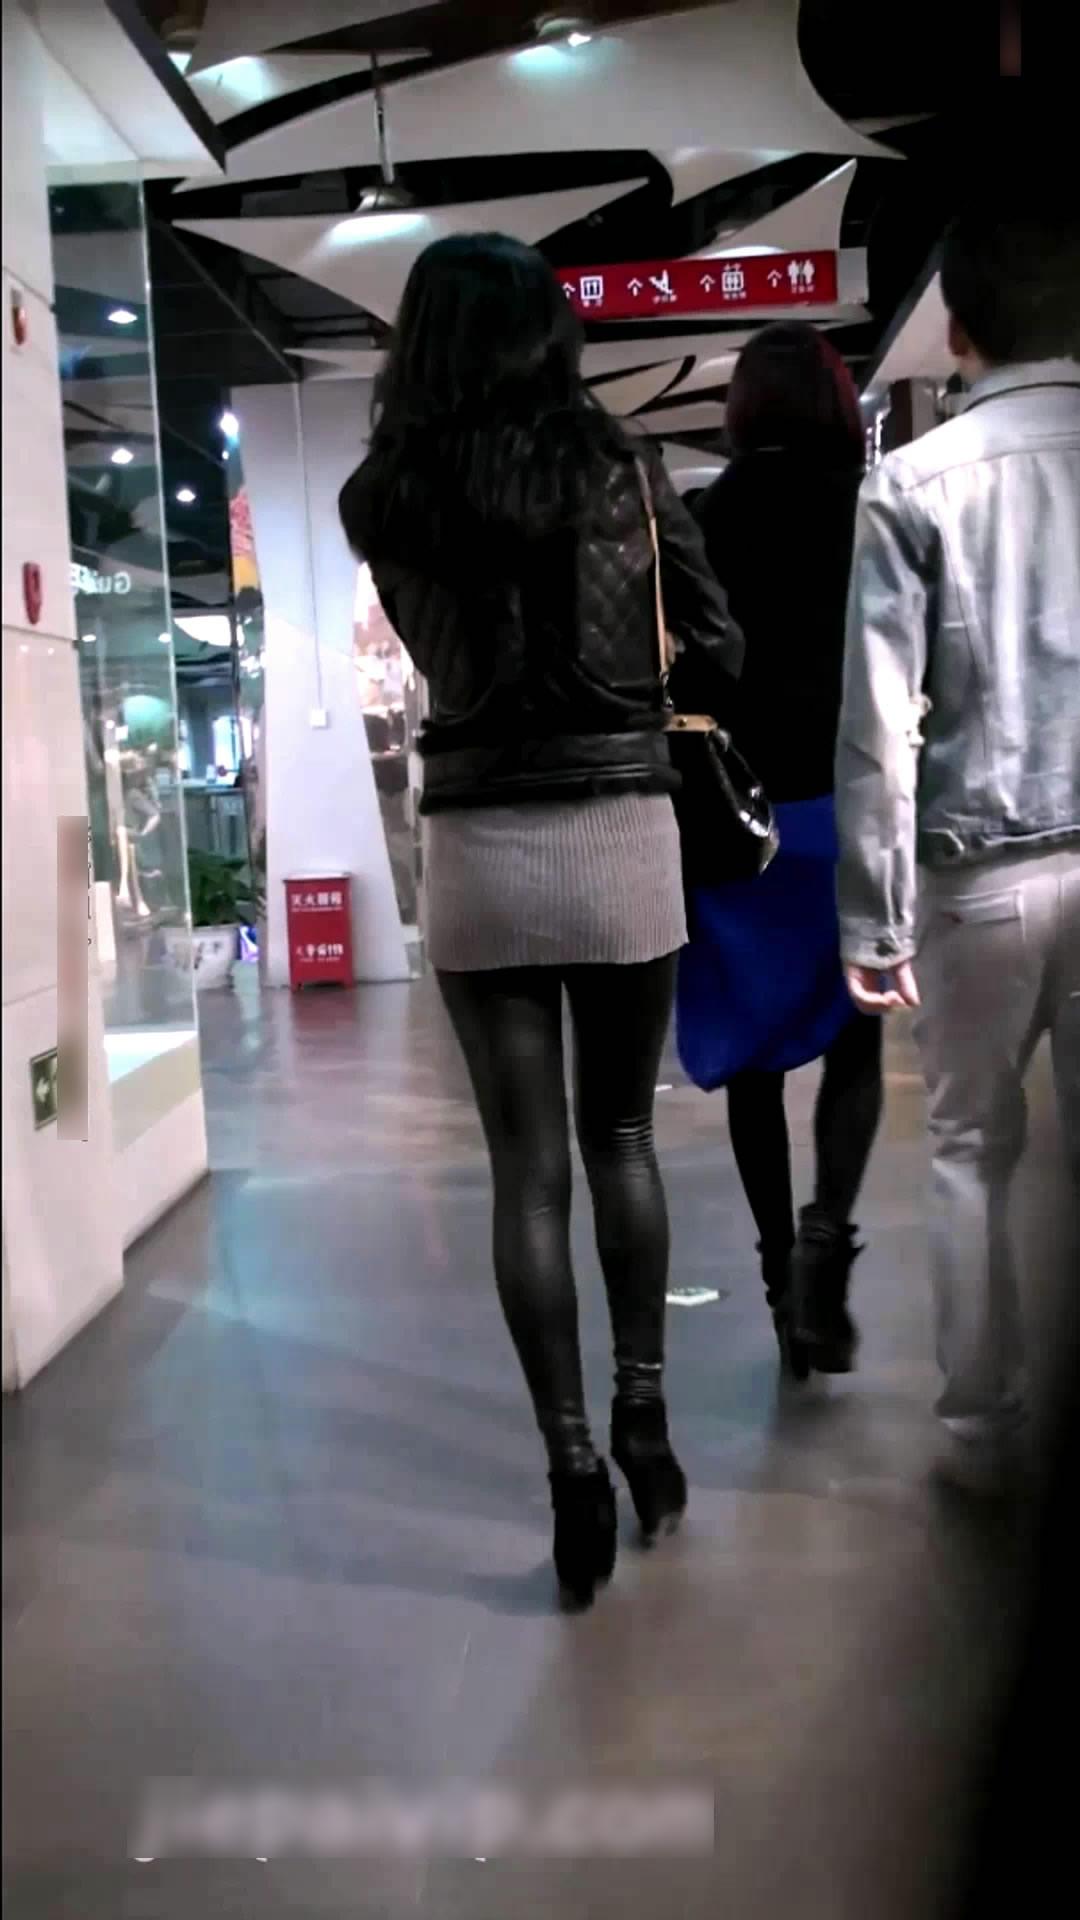 【视频名称】:海阔天空长腿美女的紧身皮裤